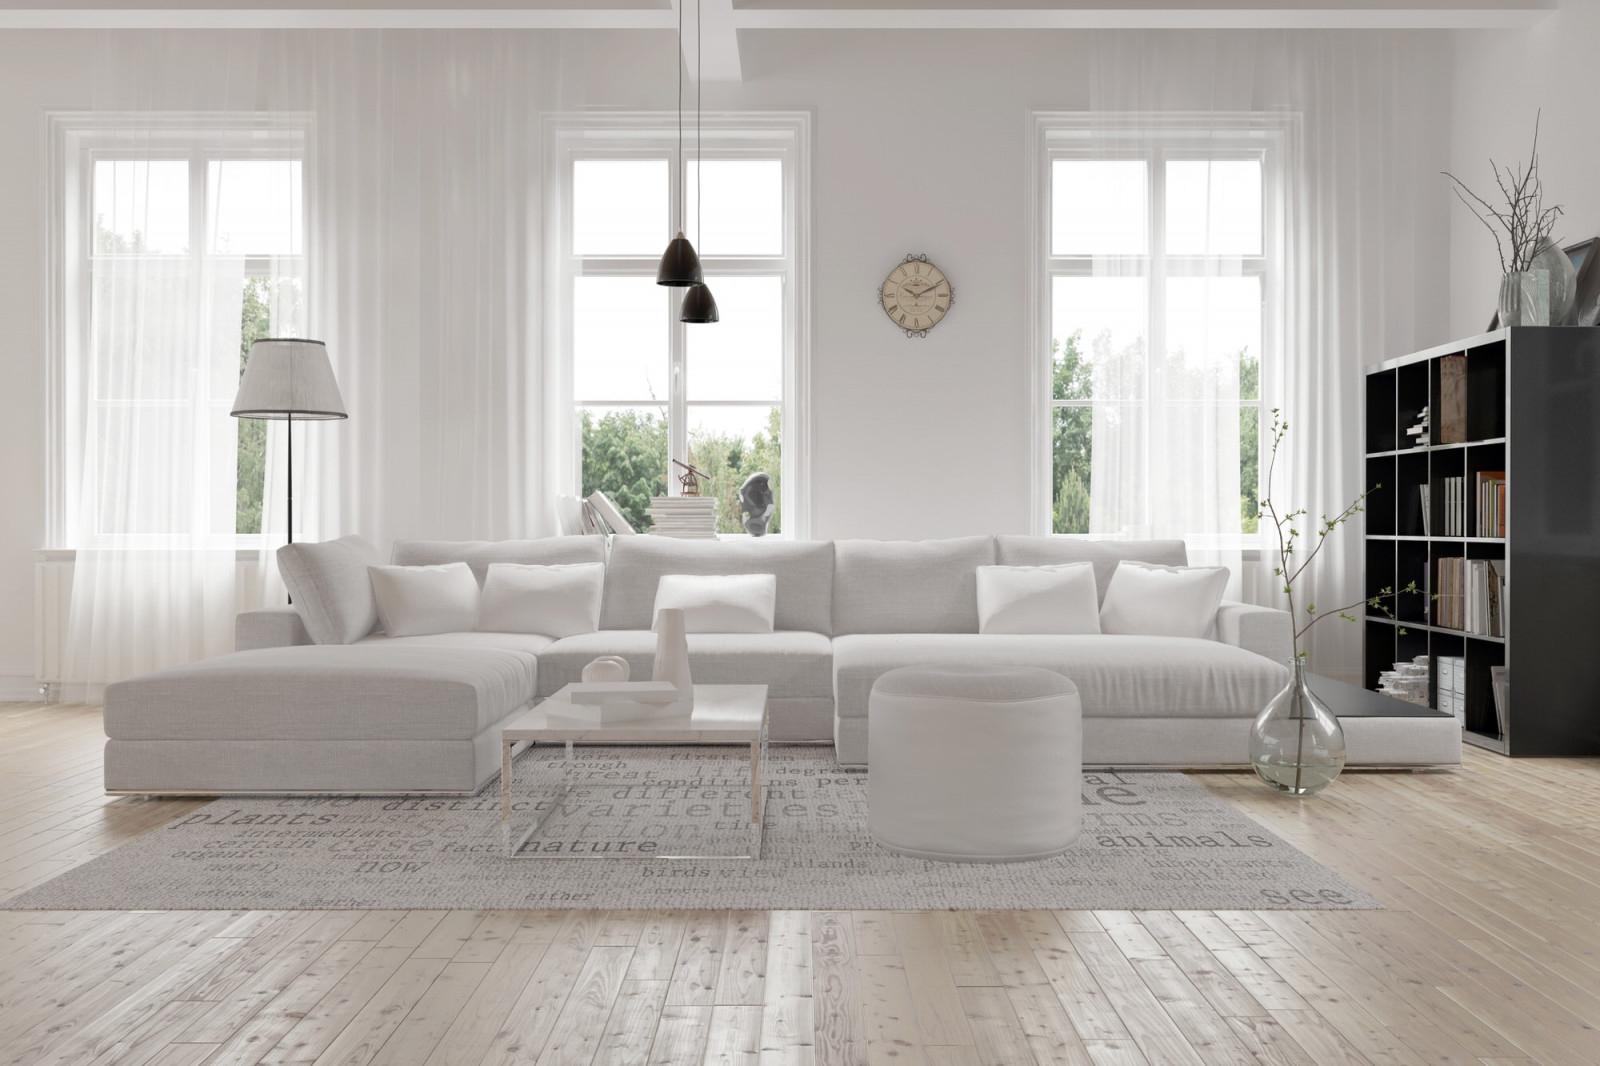 Große Räume Einrichten Und Gestalten – So Geht's  Heimhelden von Ideen Für Große Wohnzimmer Photo